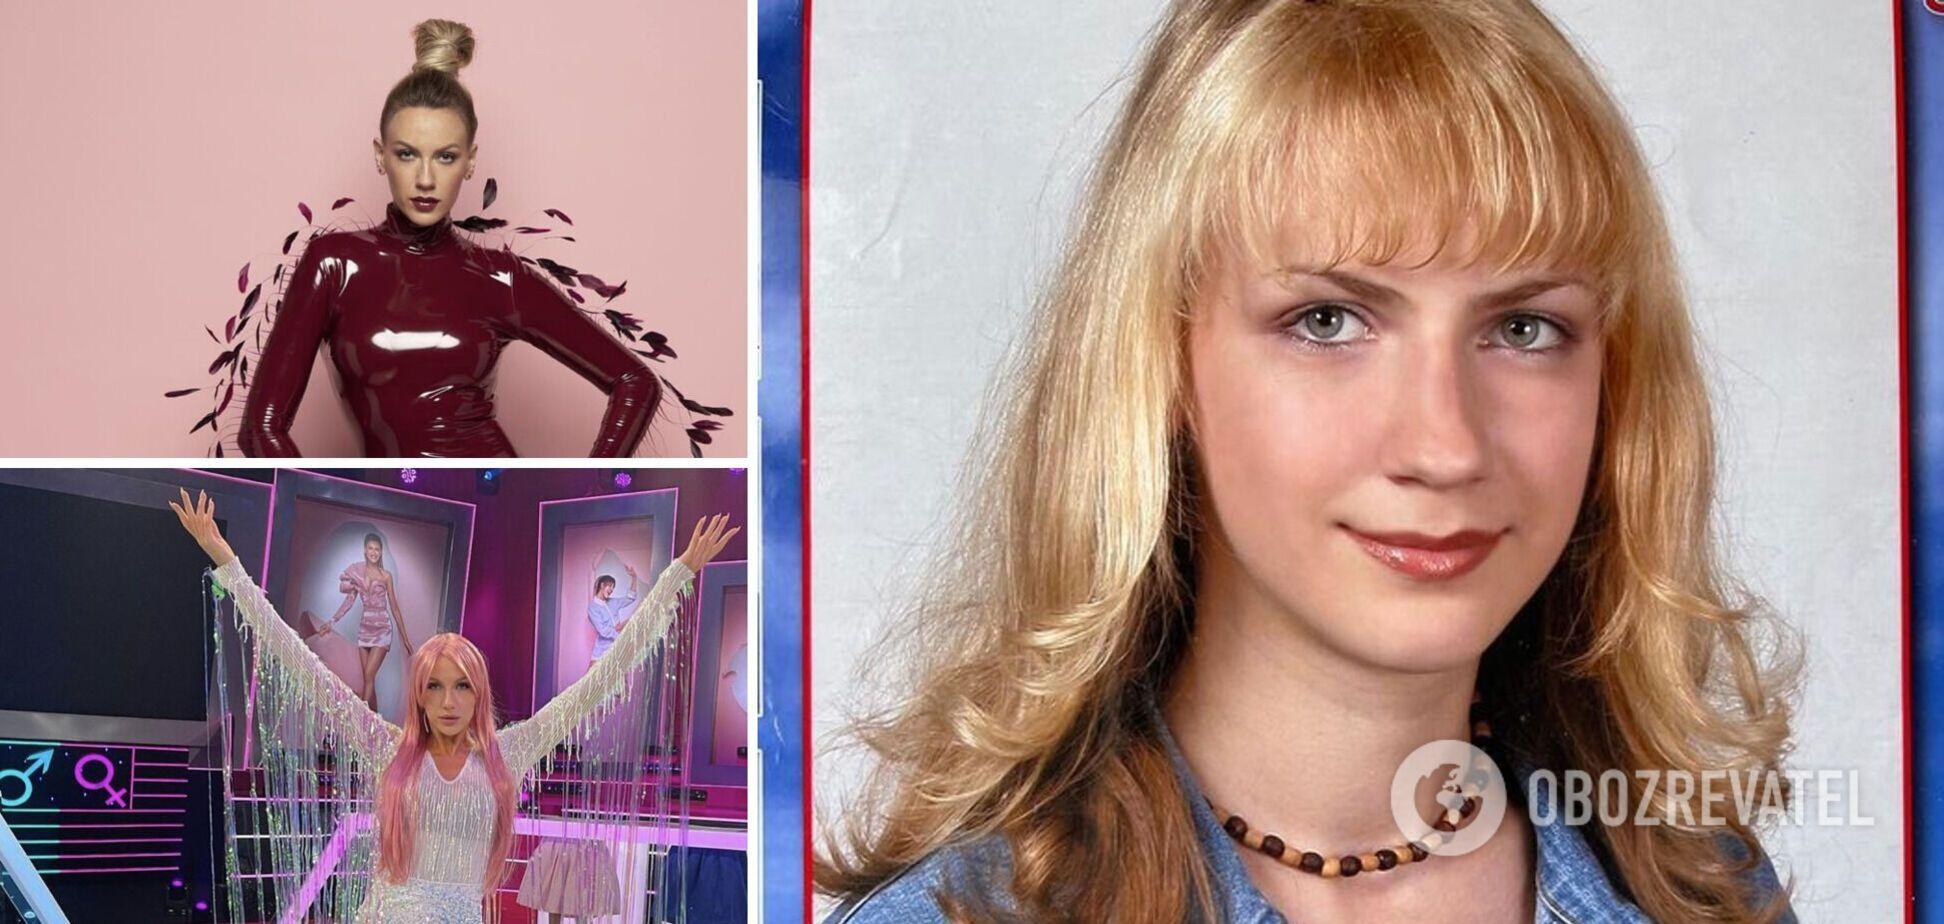 Леся Никитюк обладает роскошной модельной фигурой